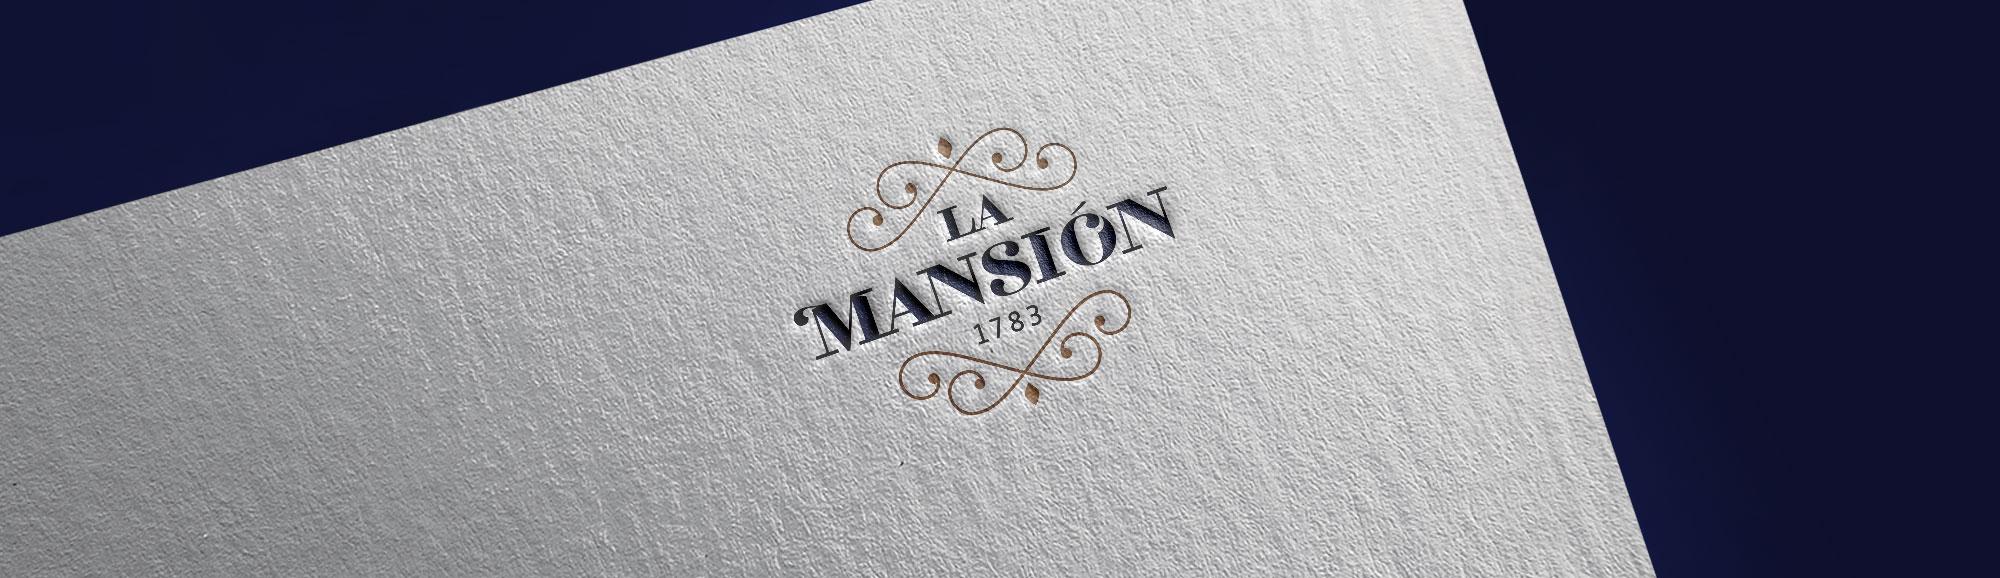 Diseño de marca para restaurante La Mansión en A Coruña